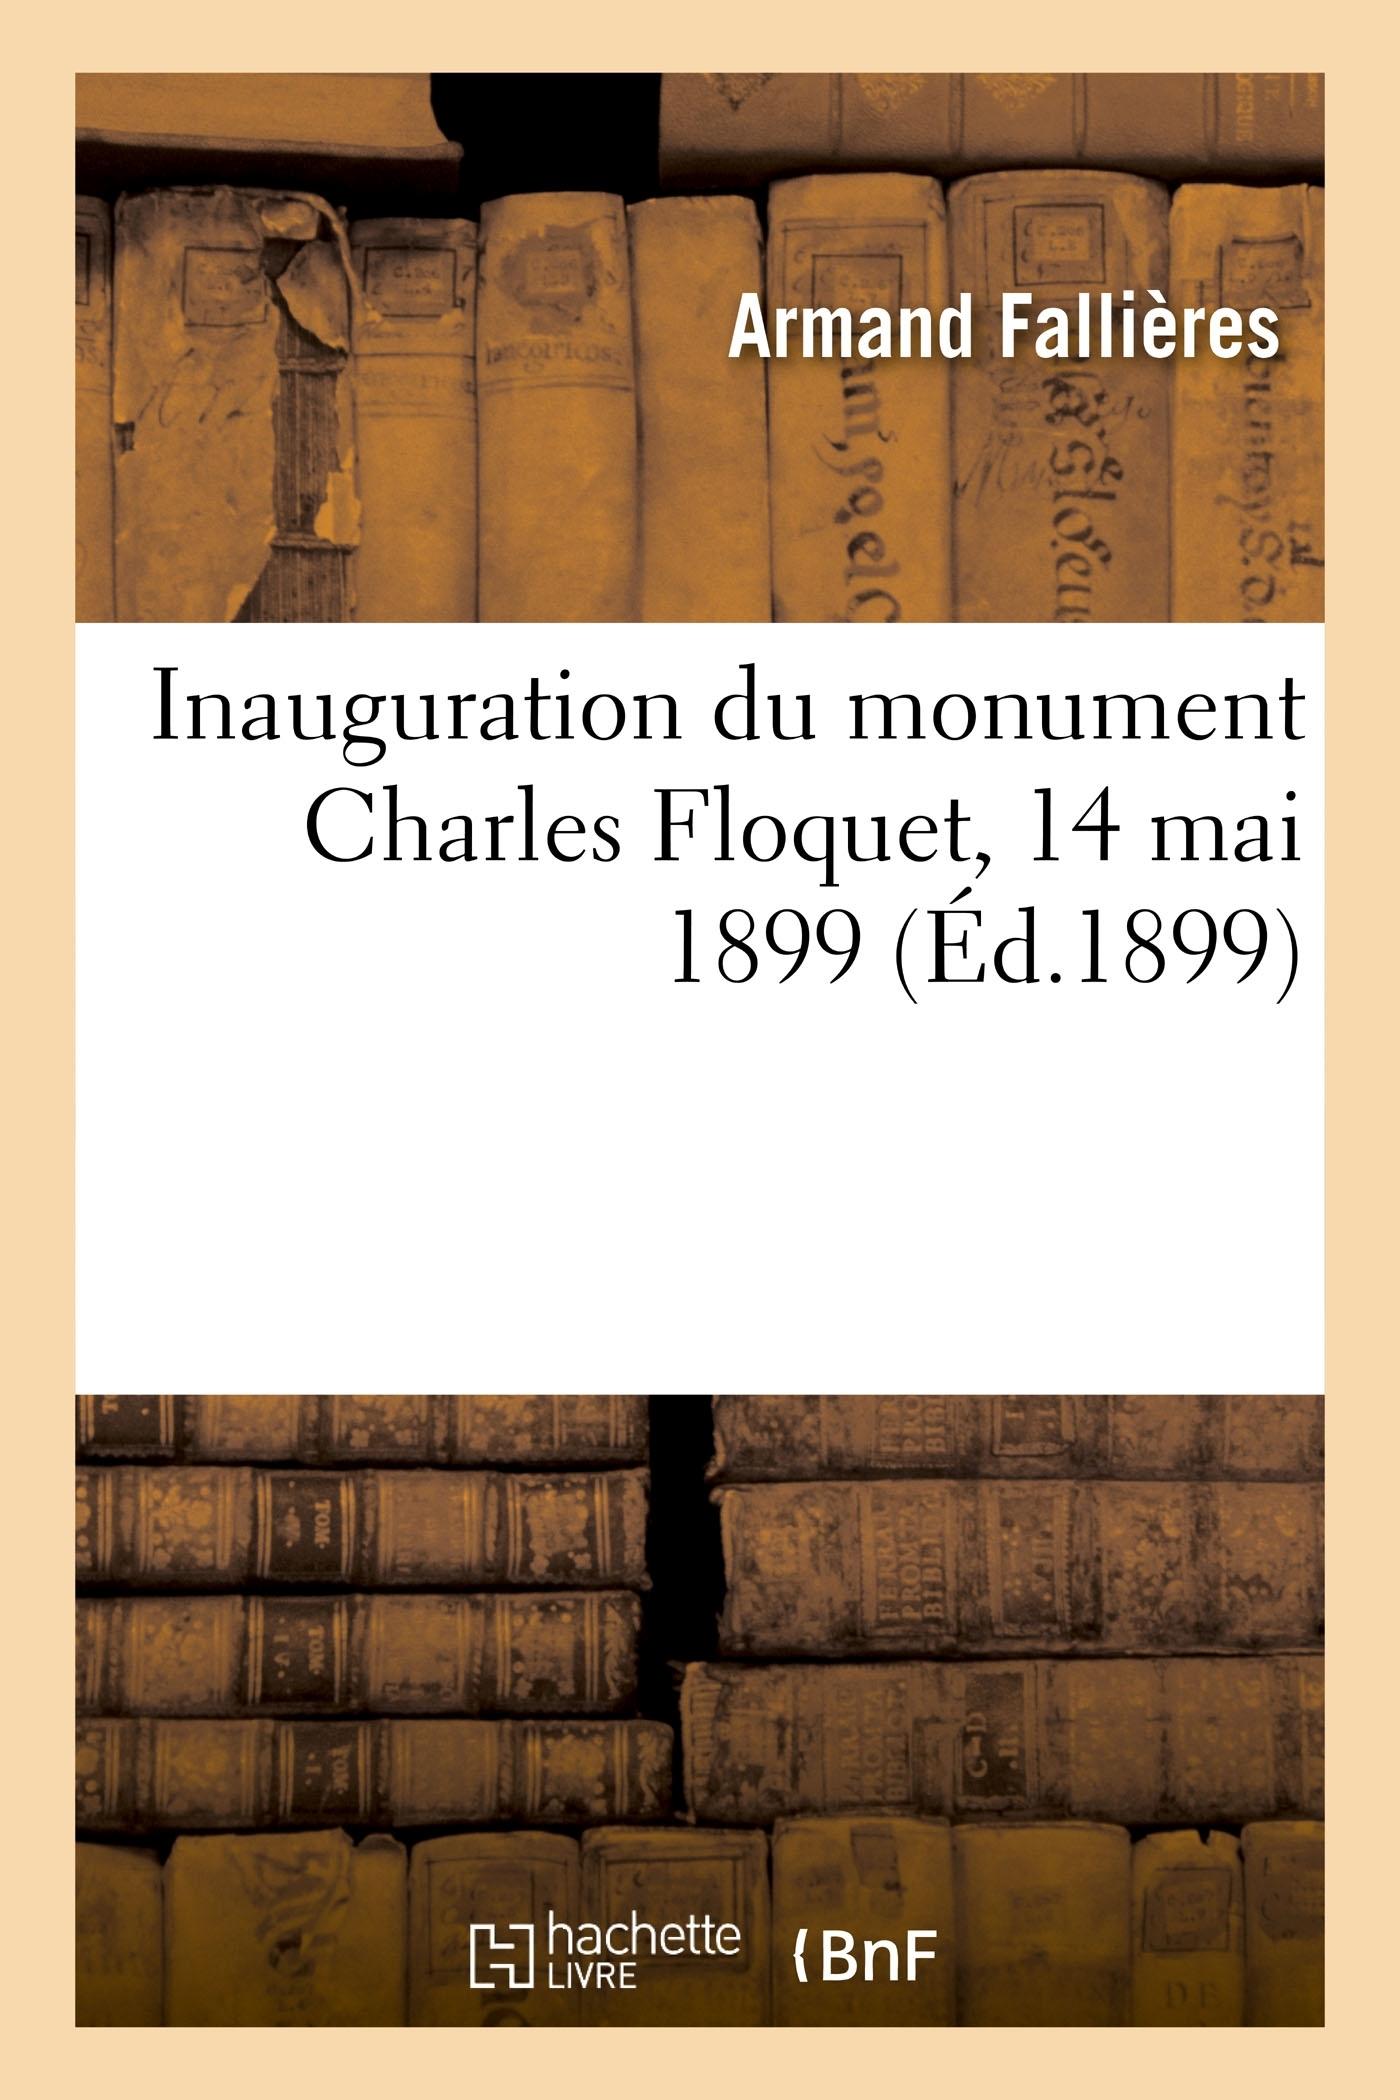 INAUGURATION DU MONUMENT CHARLES FLOQUET, 14 MAI 1899